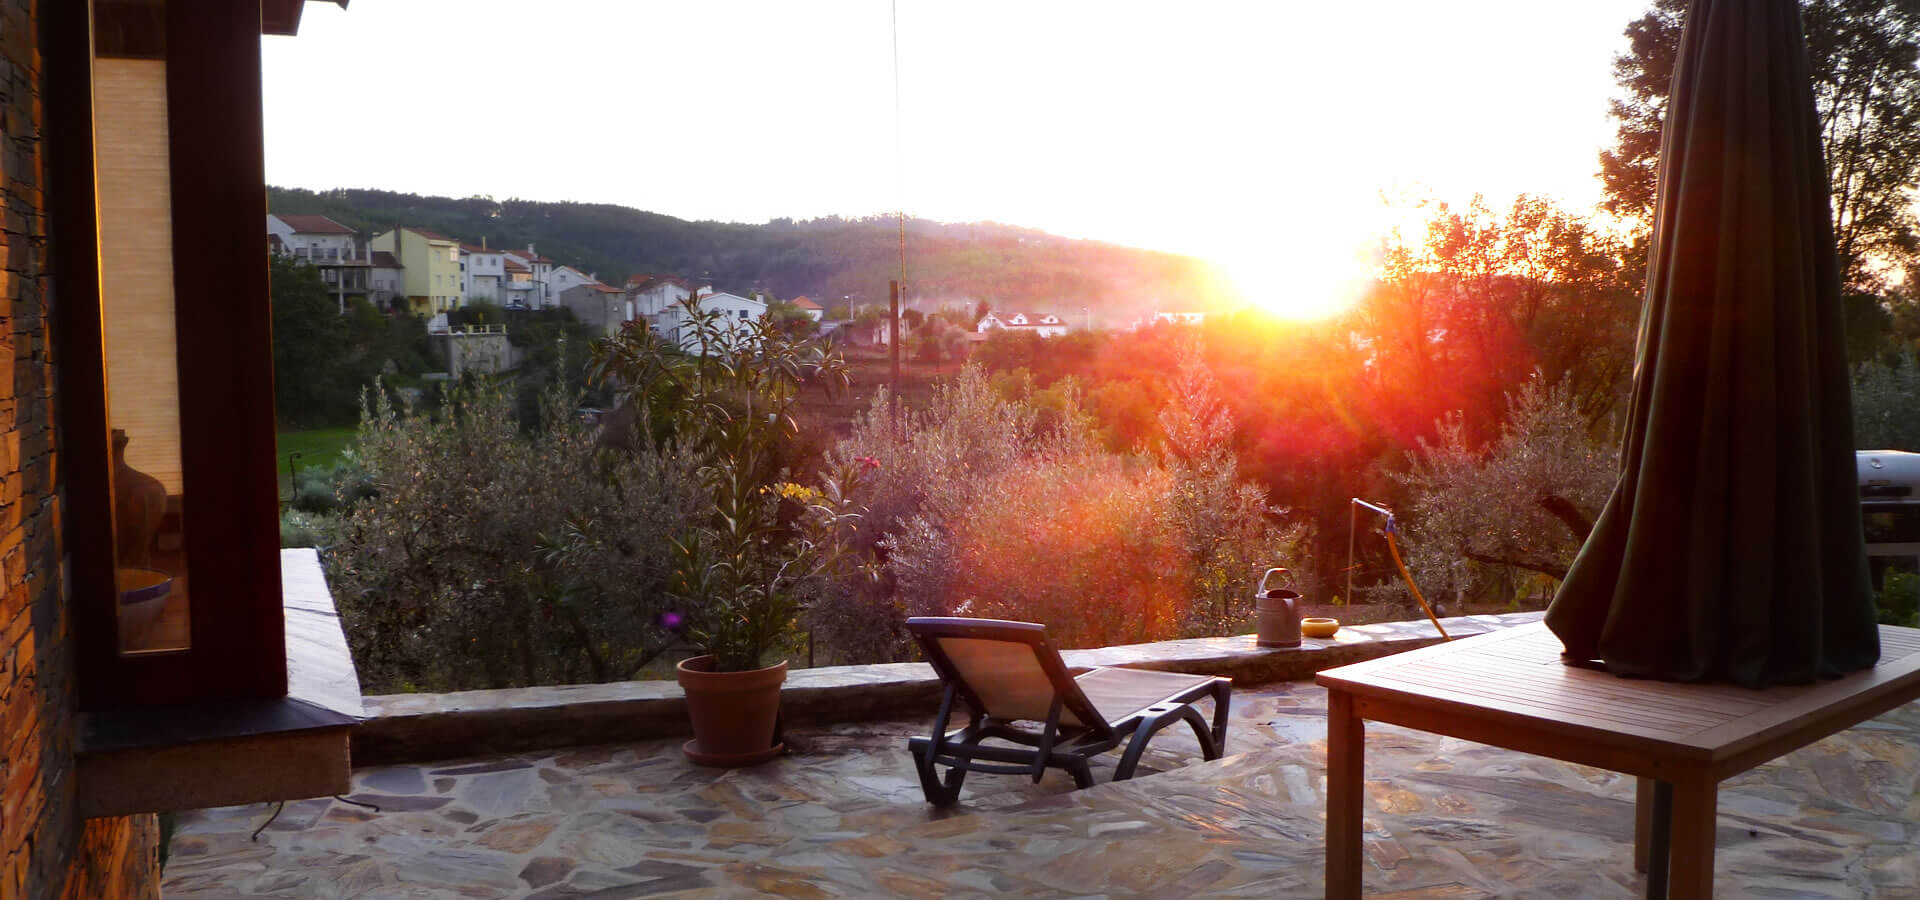 Sonnenuntergang auf der Sonnenterrasse